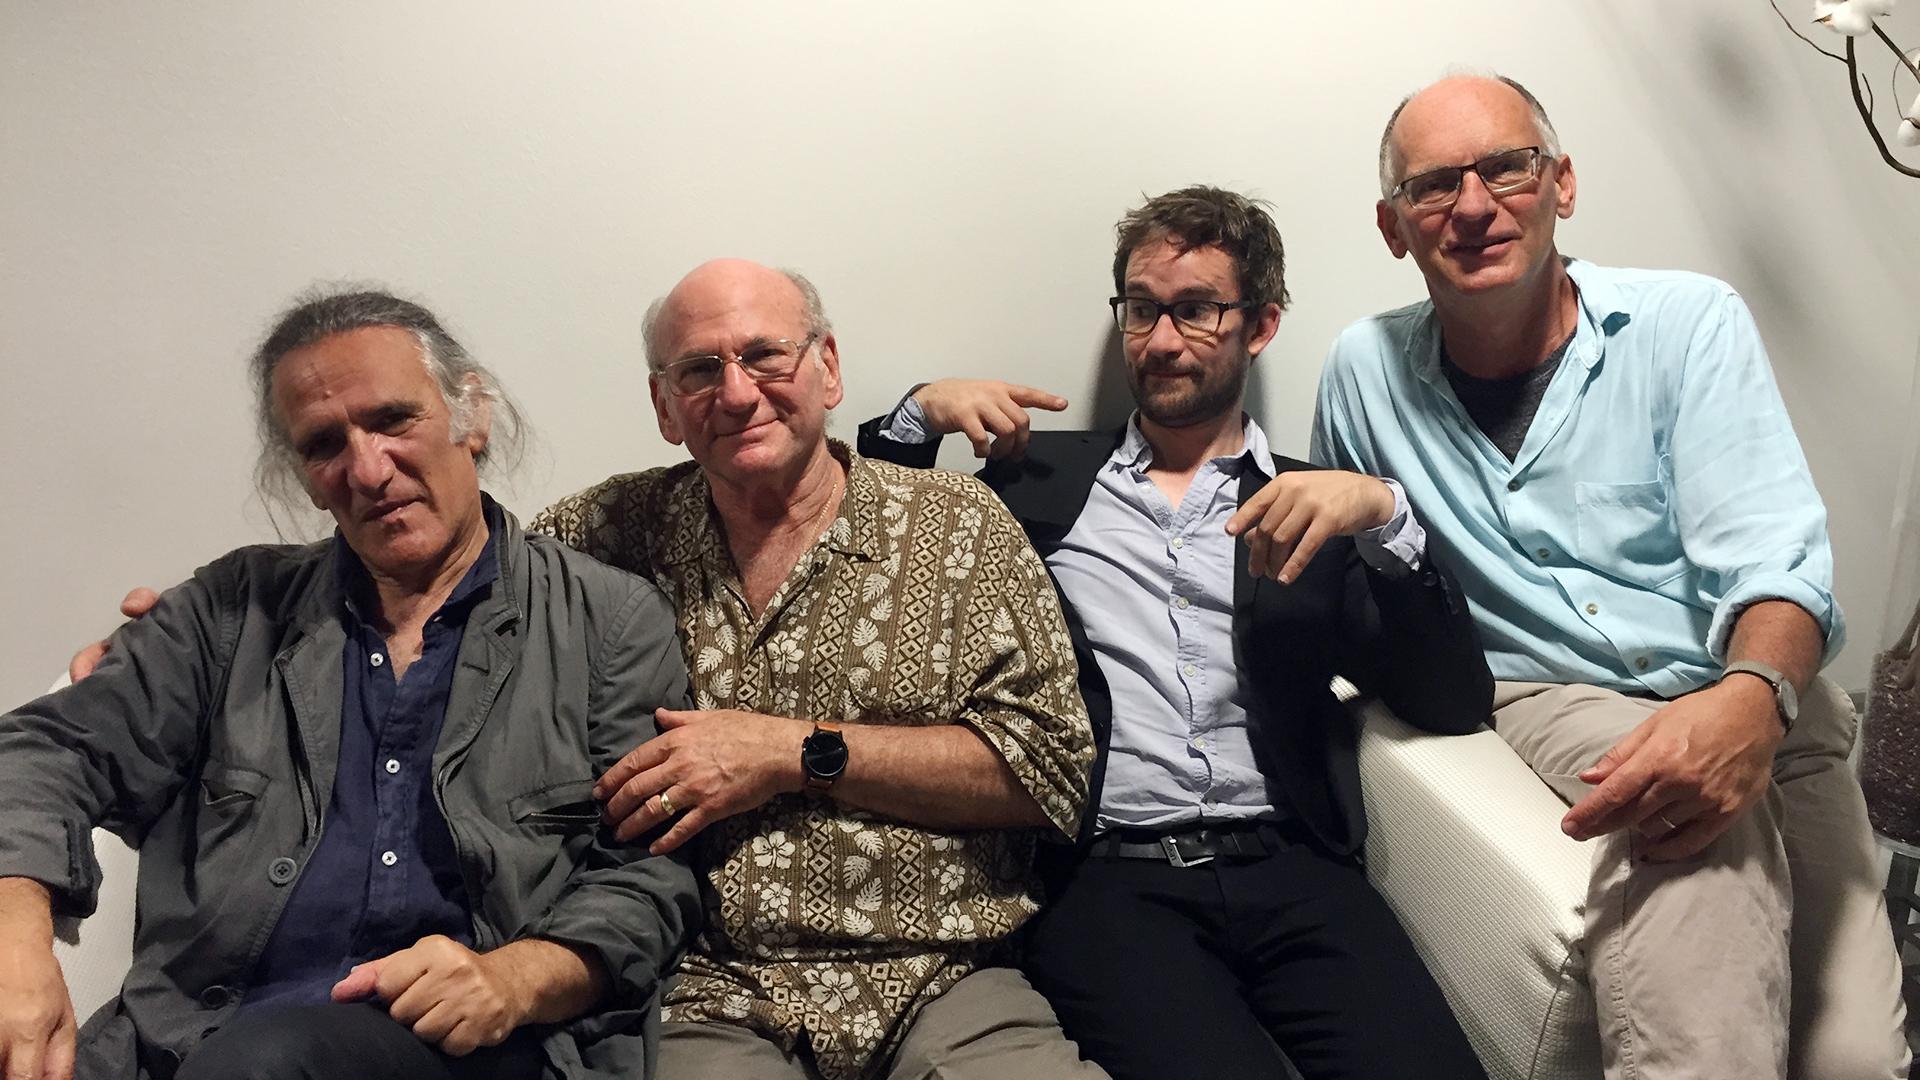 Jean-Paul Celea, Dave Liebman, Emile Parisien és Wolfgang Reisinger